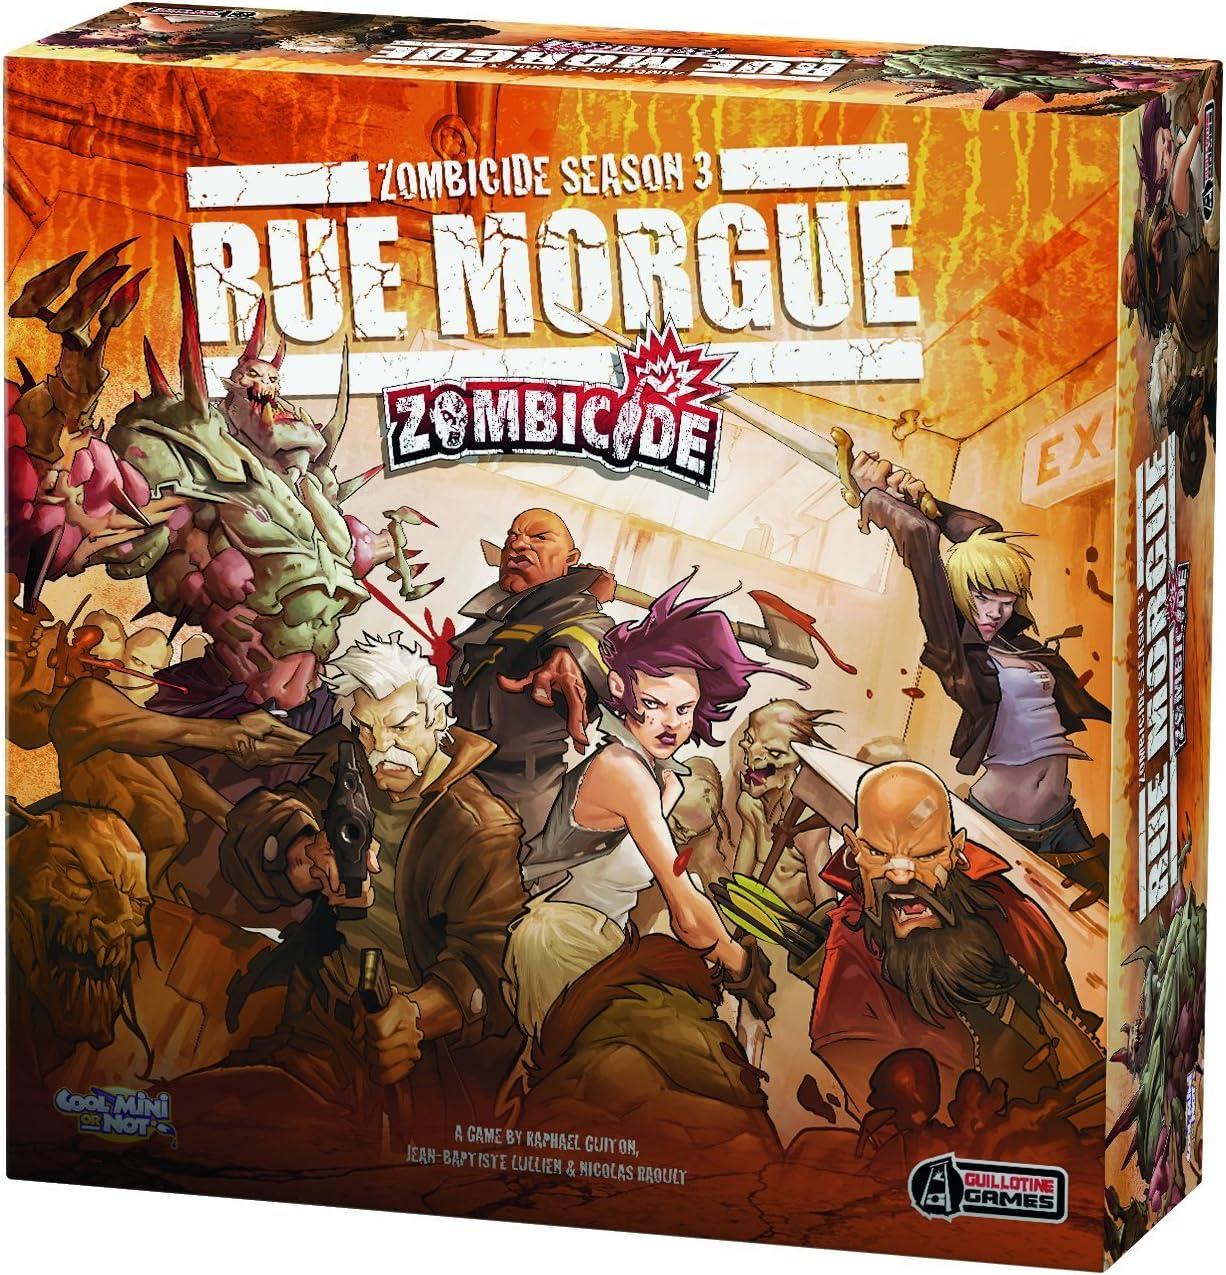 Enfriar Mini o No 901 433 - Zombicide Temporada 3 - Rue Morgue, Juego de Mesa: Amazon.es: Juguetes y juegos